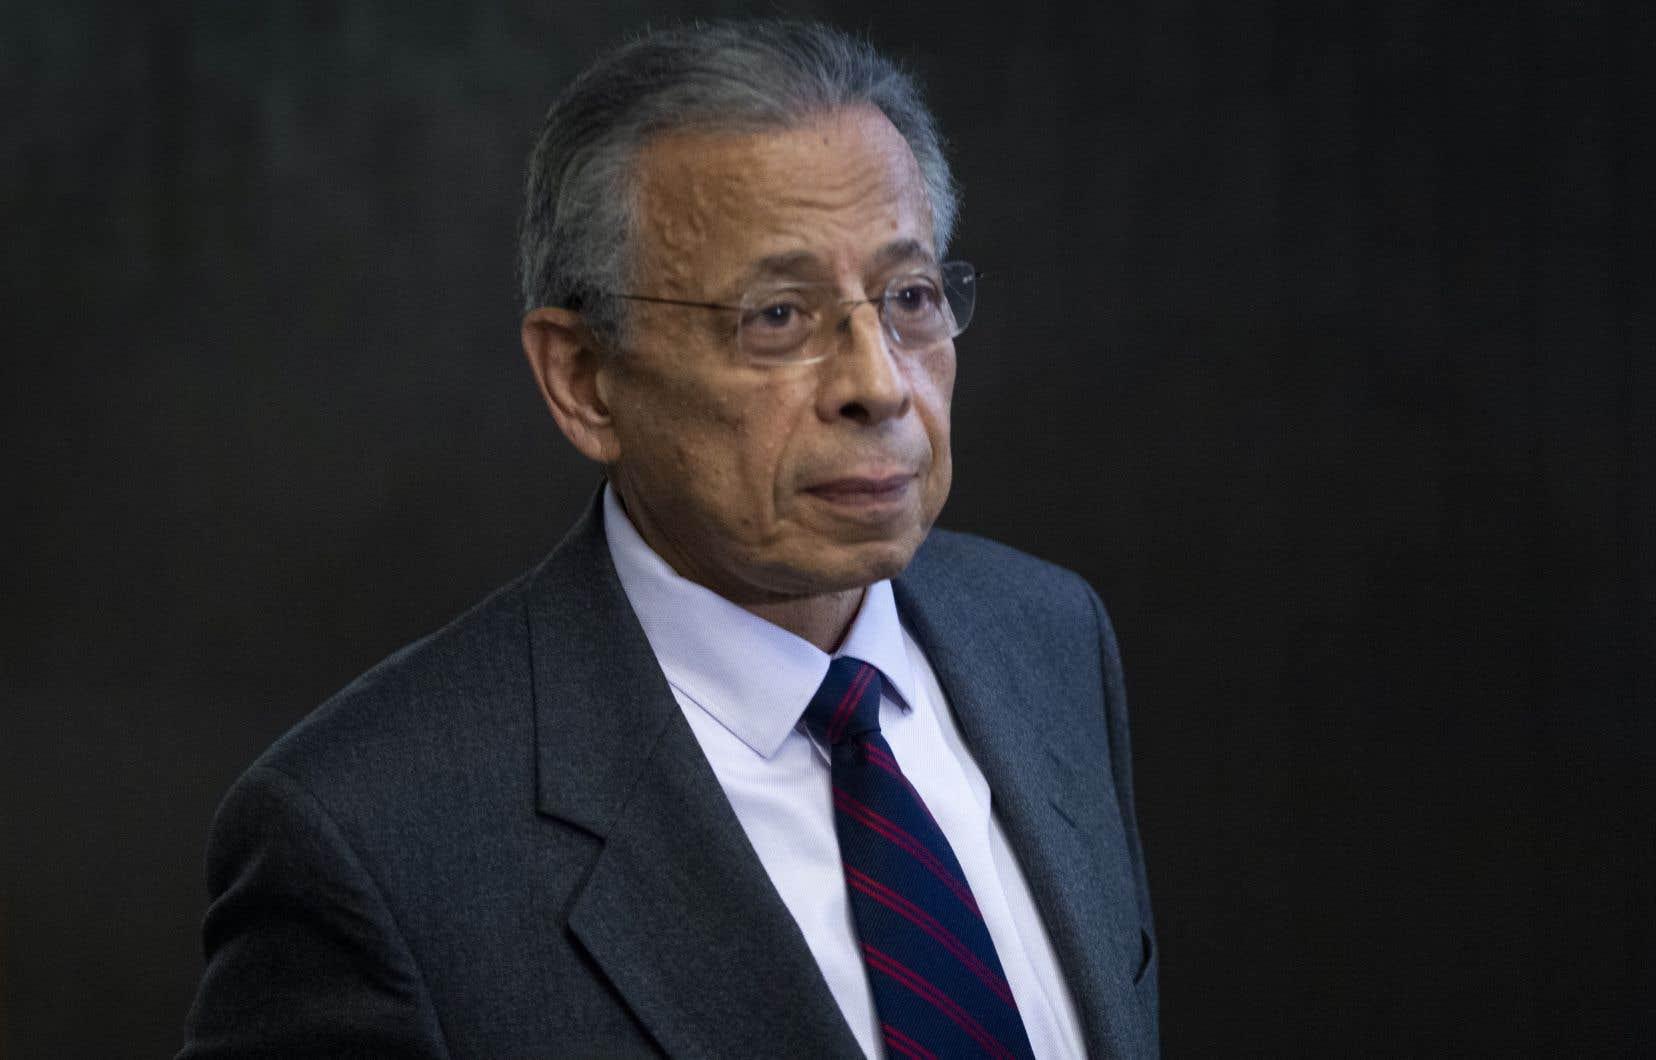 Sami Bebawi, un ancien vice-président directeur de SNC-Lavalin, est aujourd'hui âgé de 73 ans.